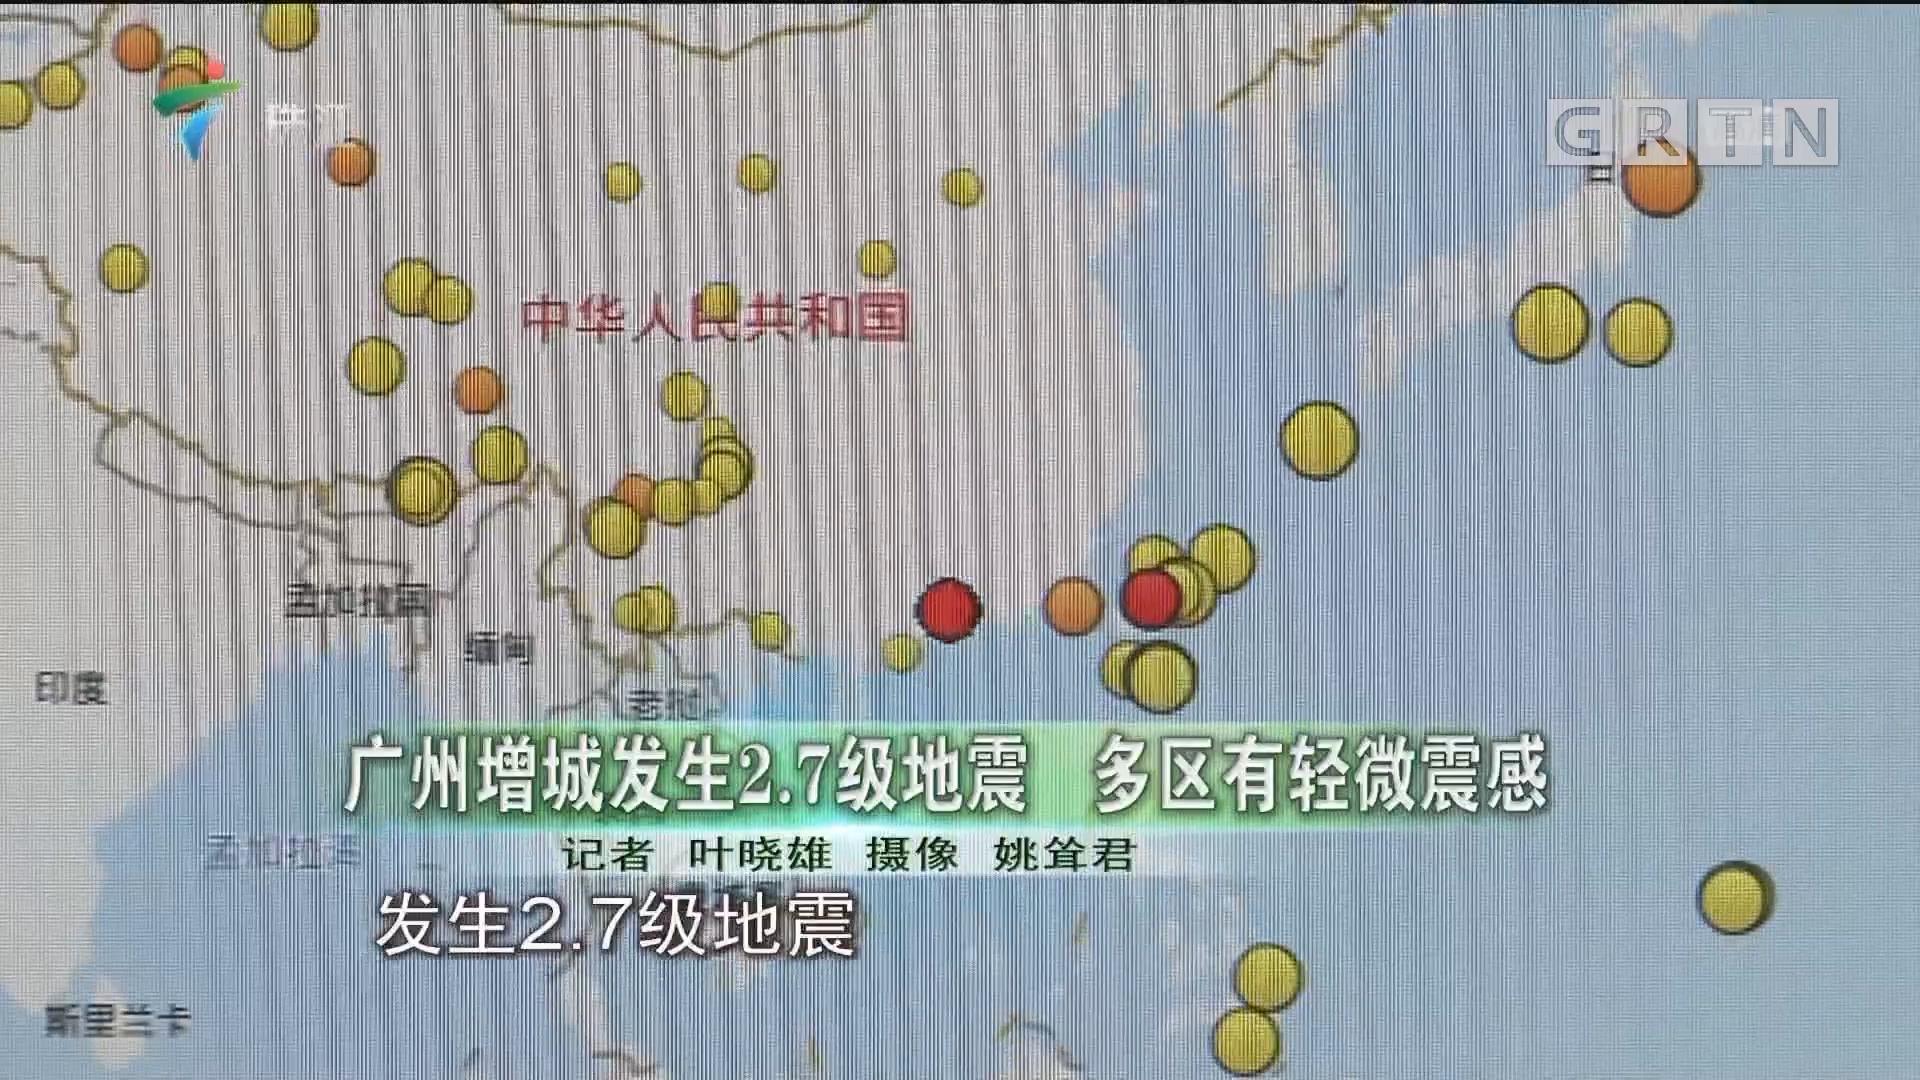 广州增城发生2.7级地震 多区有轻微震感